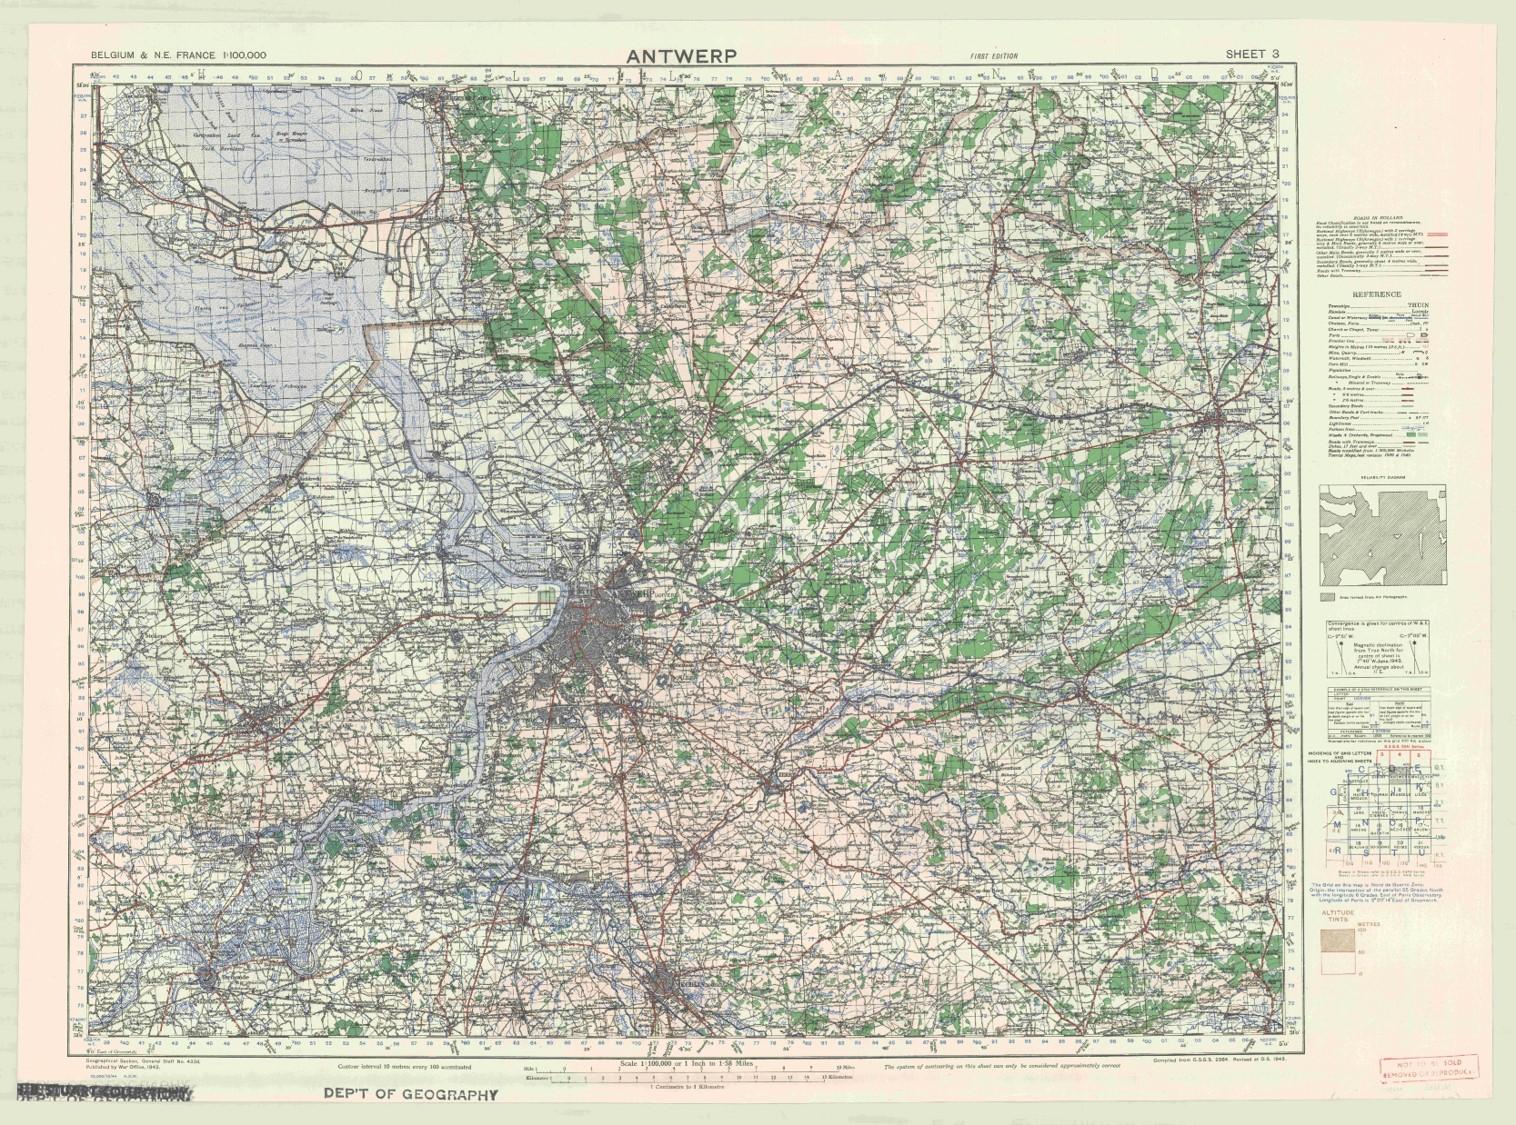 025A - GSGS-4336-Antwerp